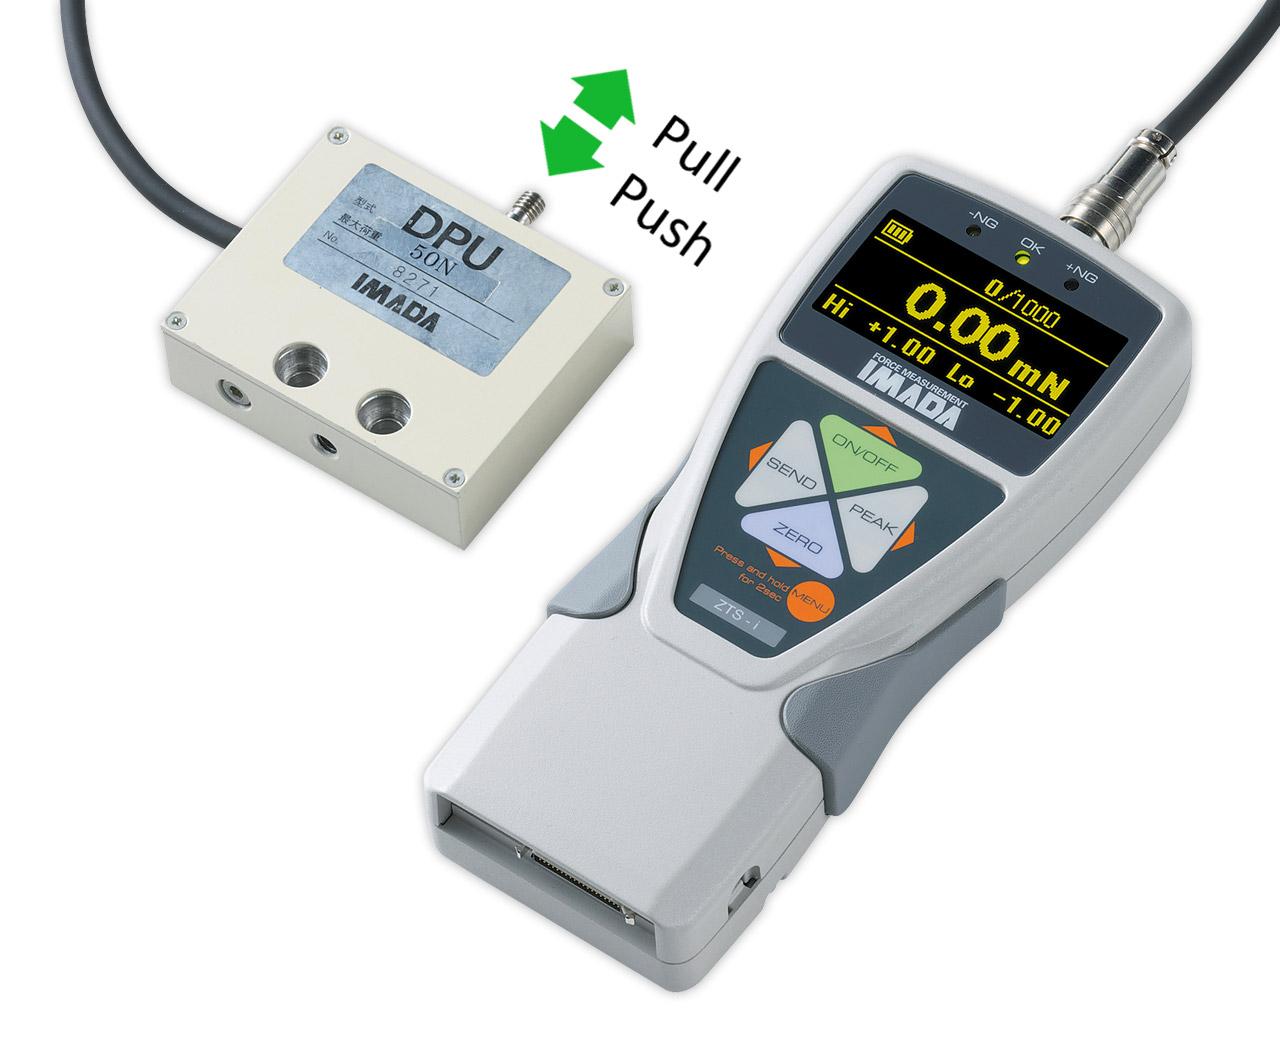 Thiết bị đo lực điện tử cảm biến ngoài ZTS-DPU-2000N Imada